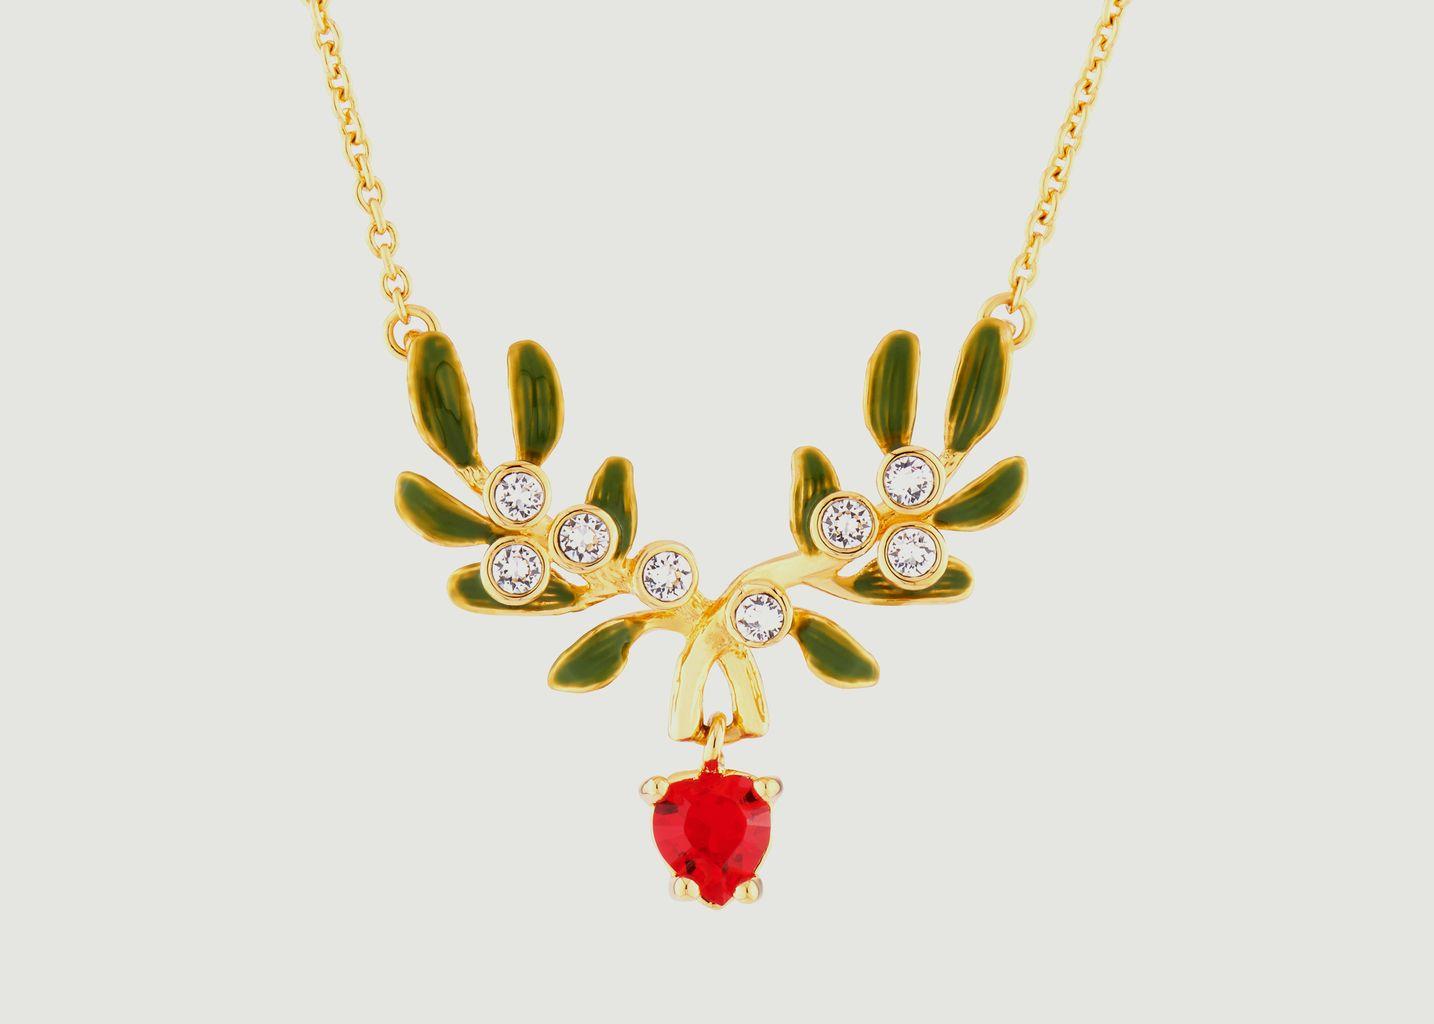 Collier fin avec pendentif branche de gui en cœur - Les Néréides